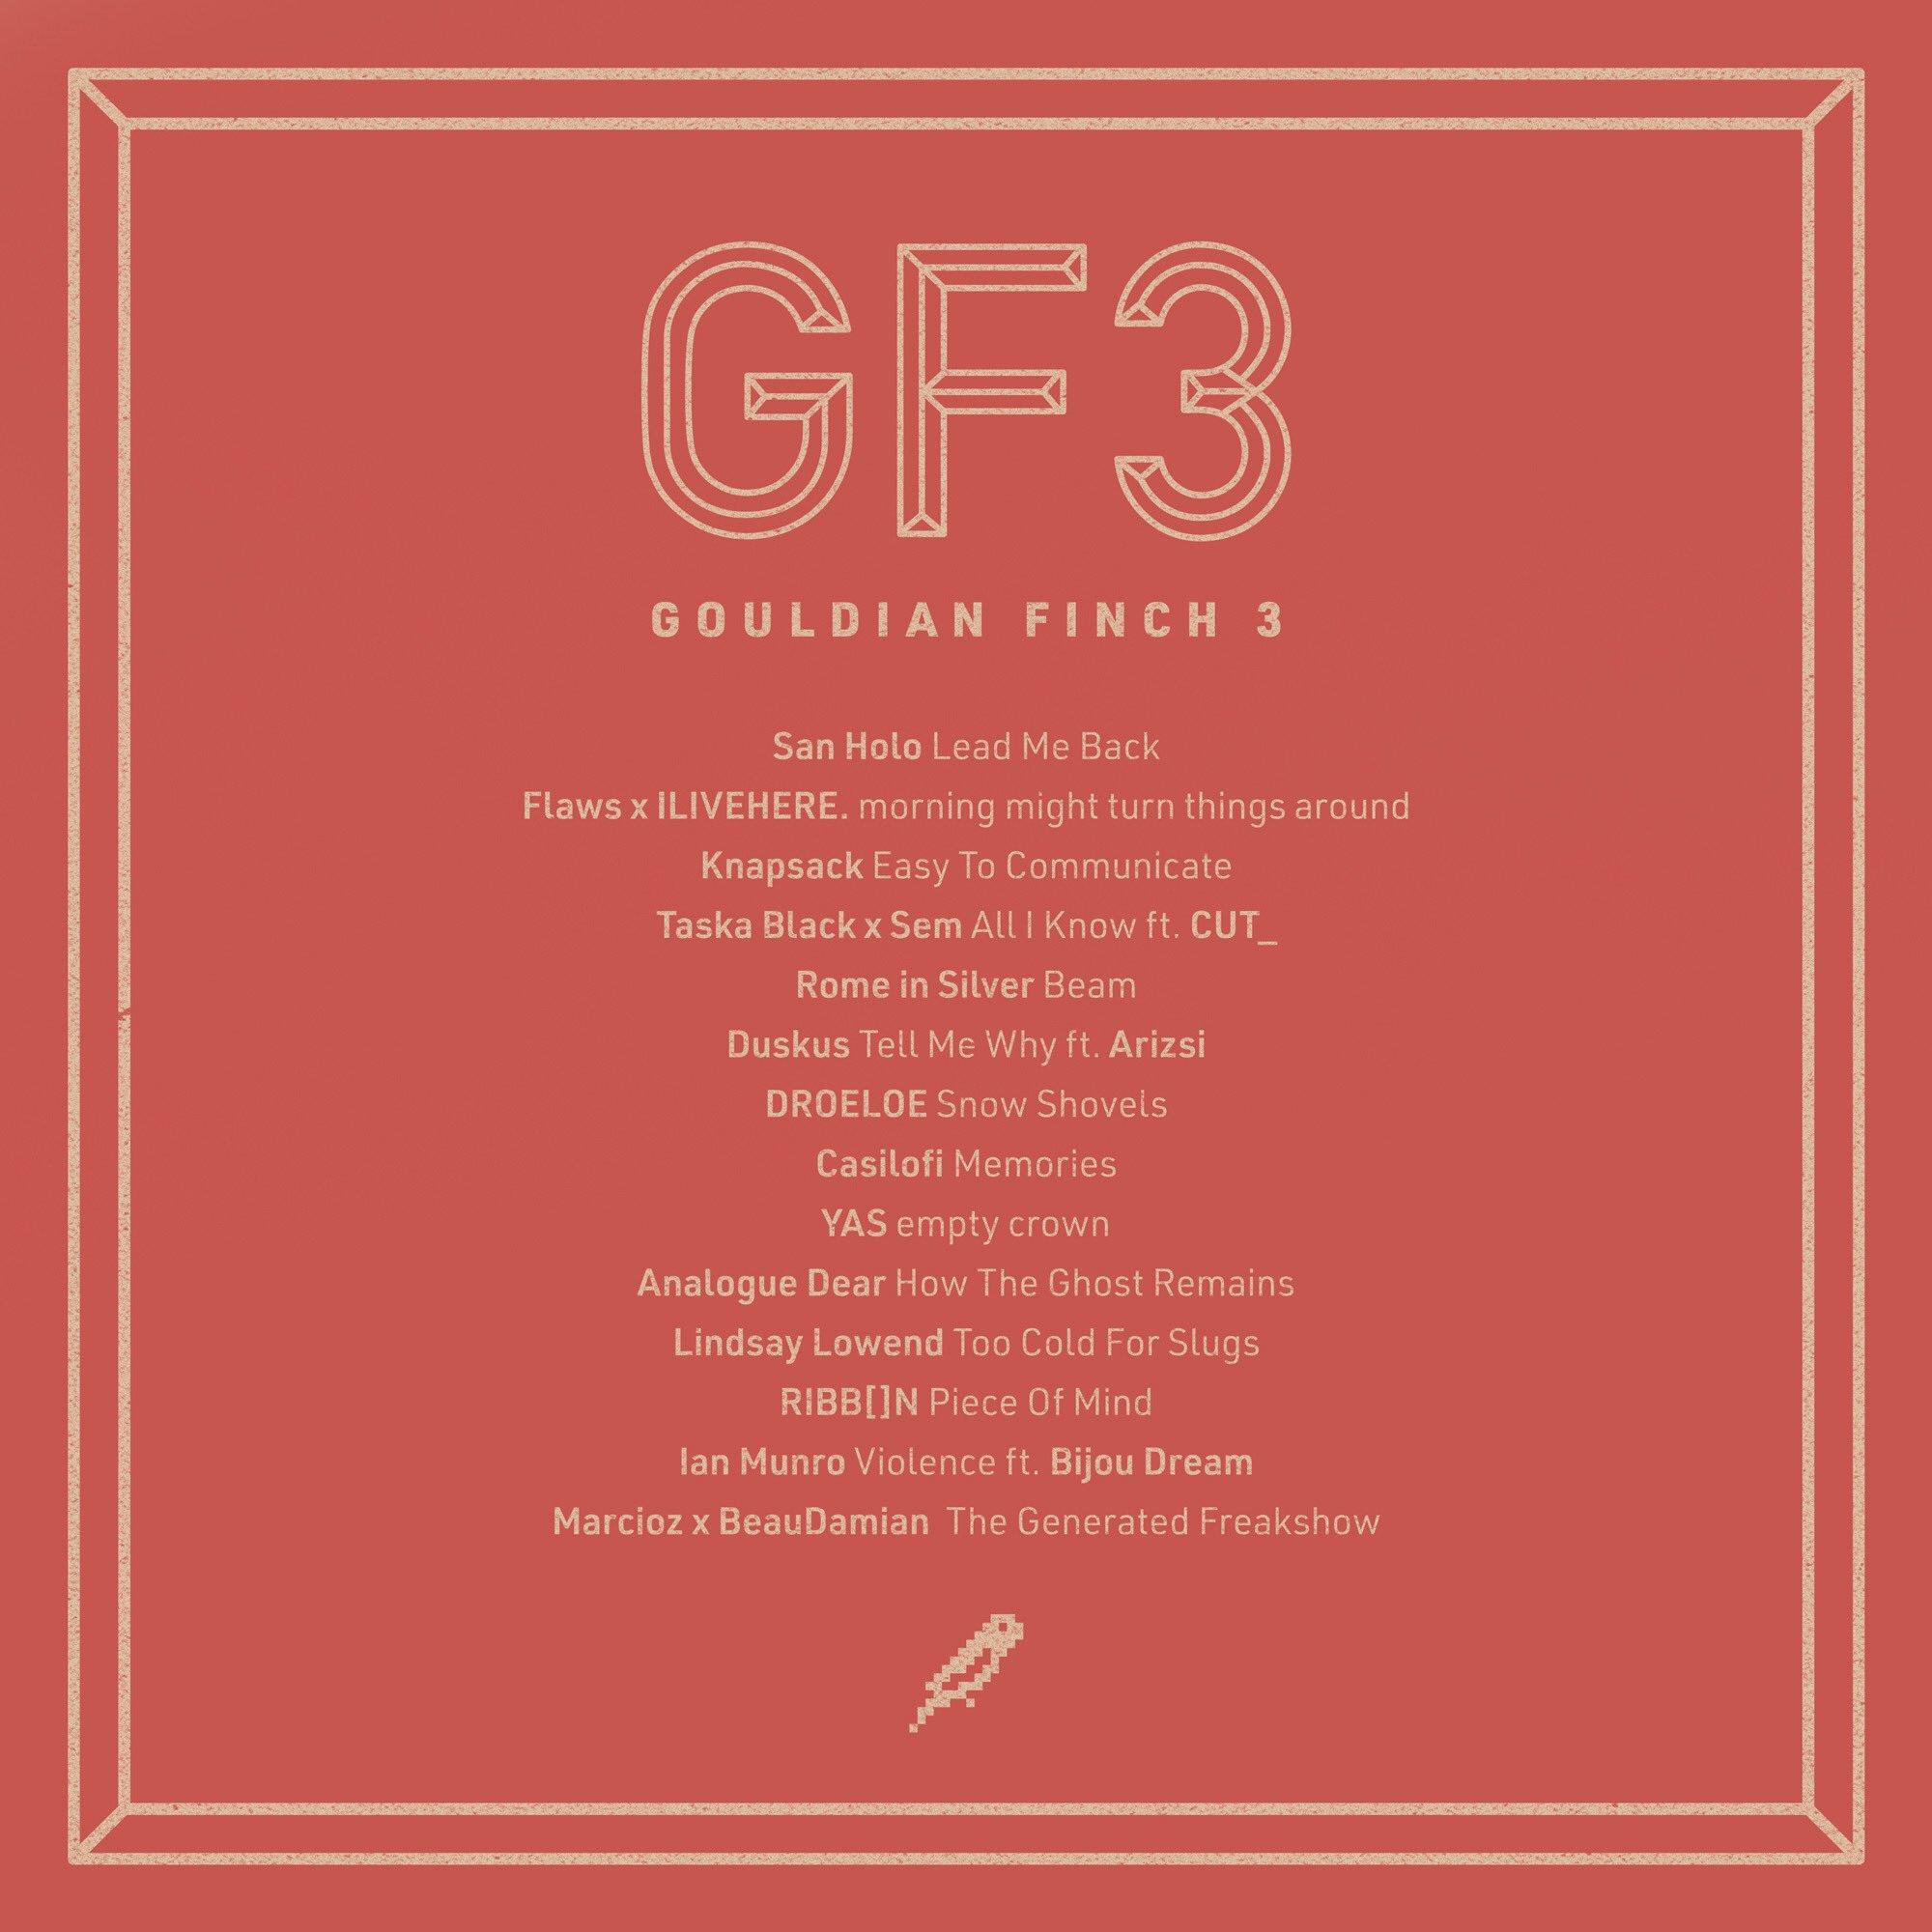 Gouldian Finch 3 Tracklist